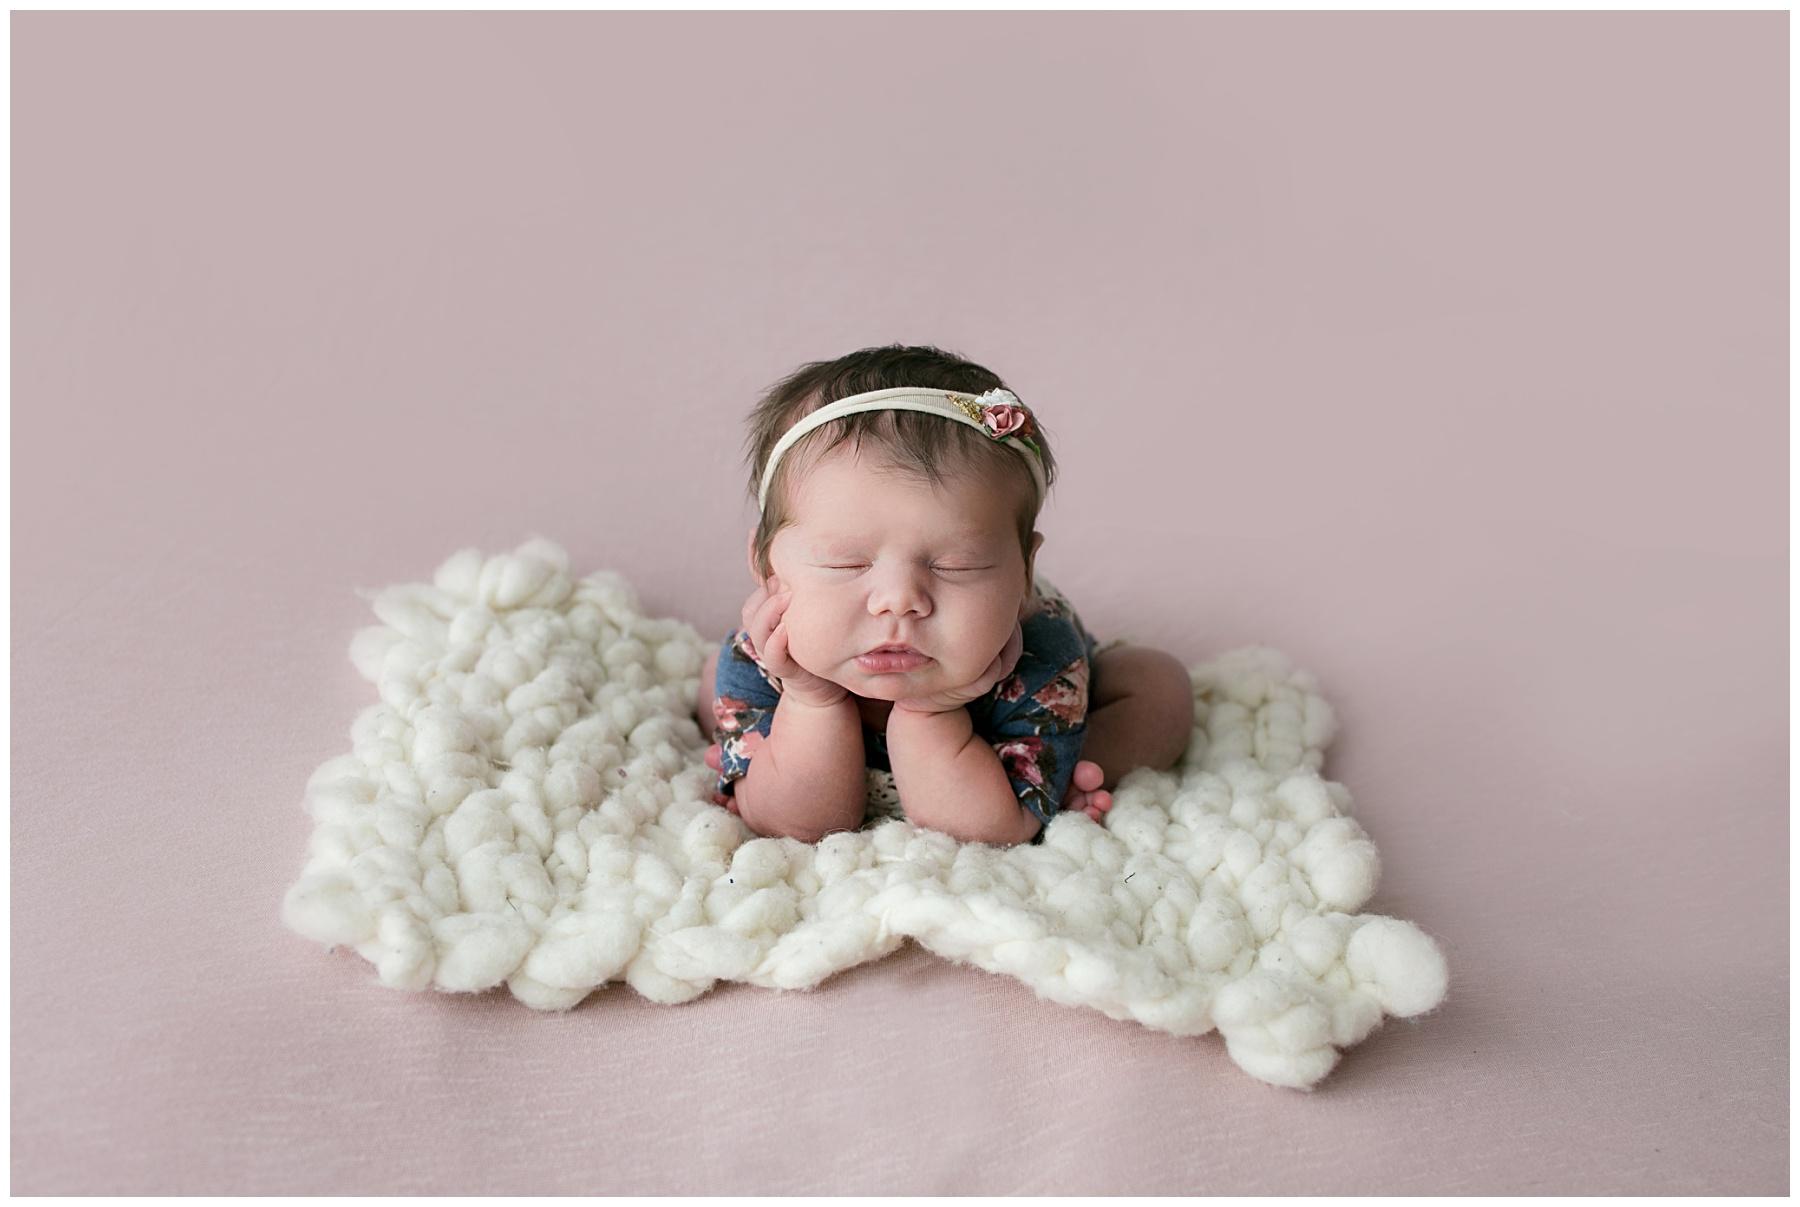 Newborn photographer columbus ohio_0299.jpg